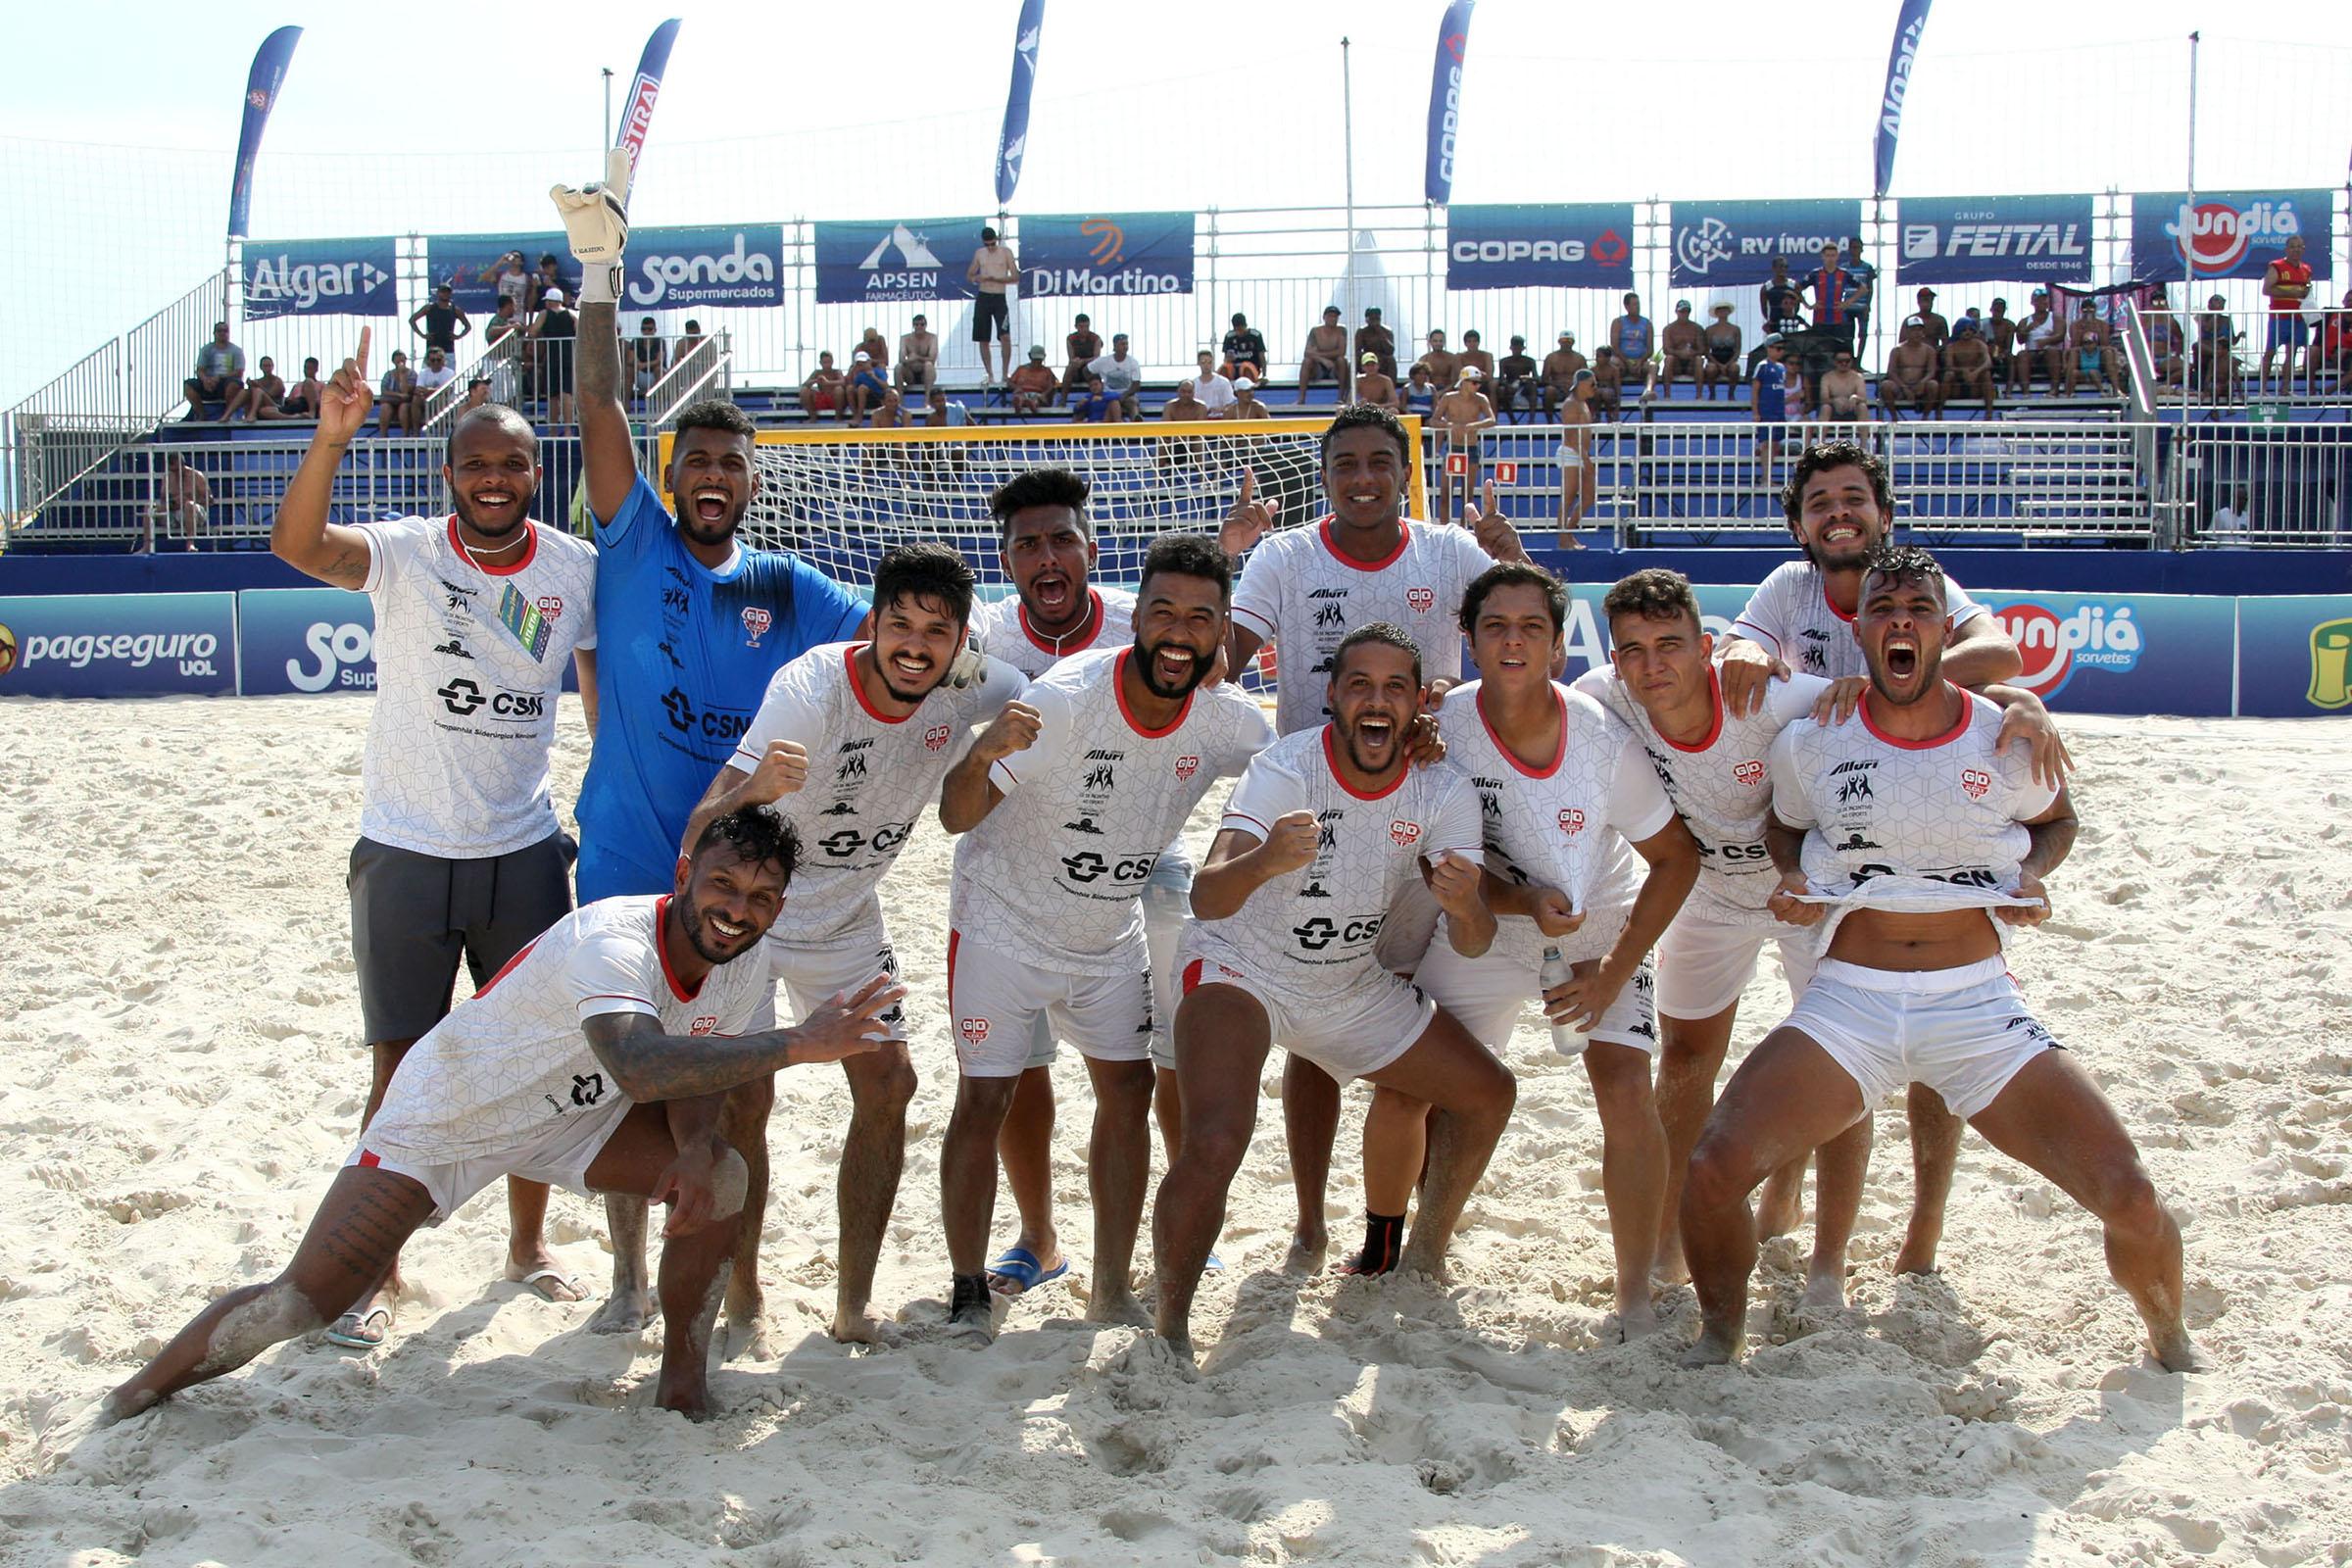 Arena Verão: Corinthians e Osasco Audax estão na final do Campeonato Paulista de Beach Soccer